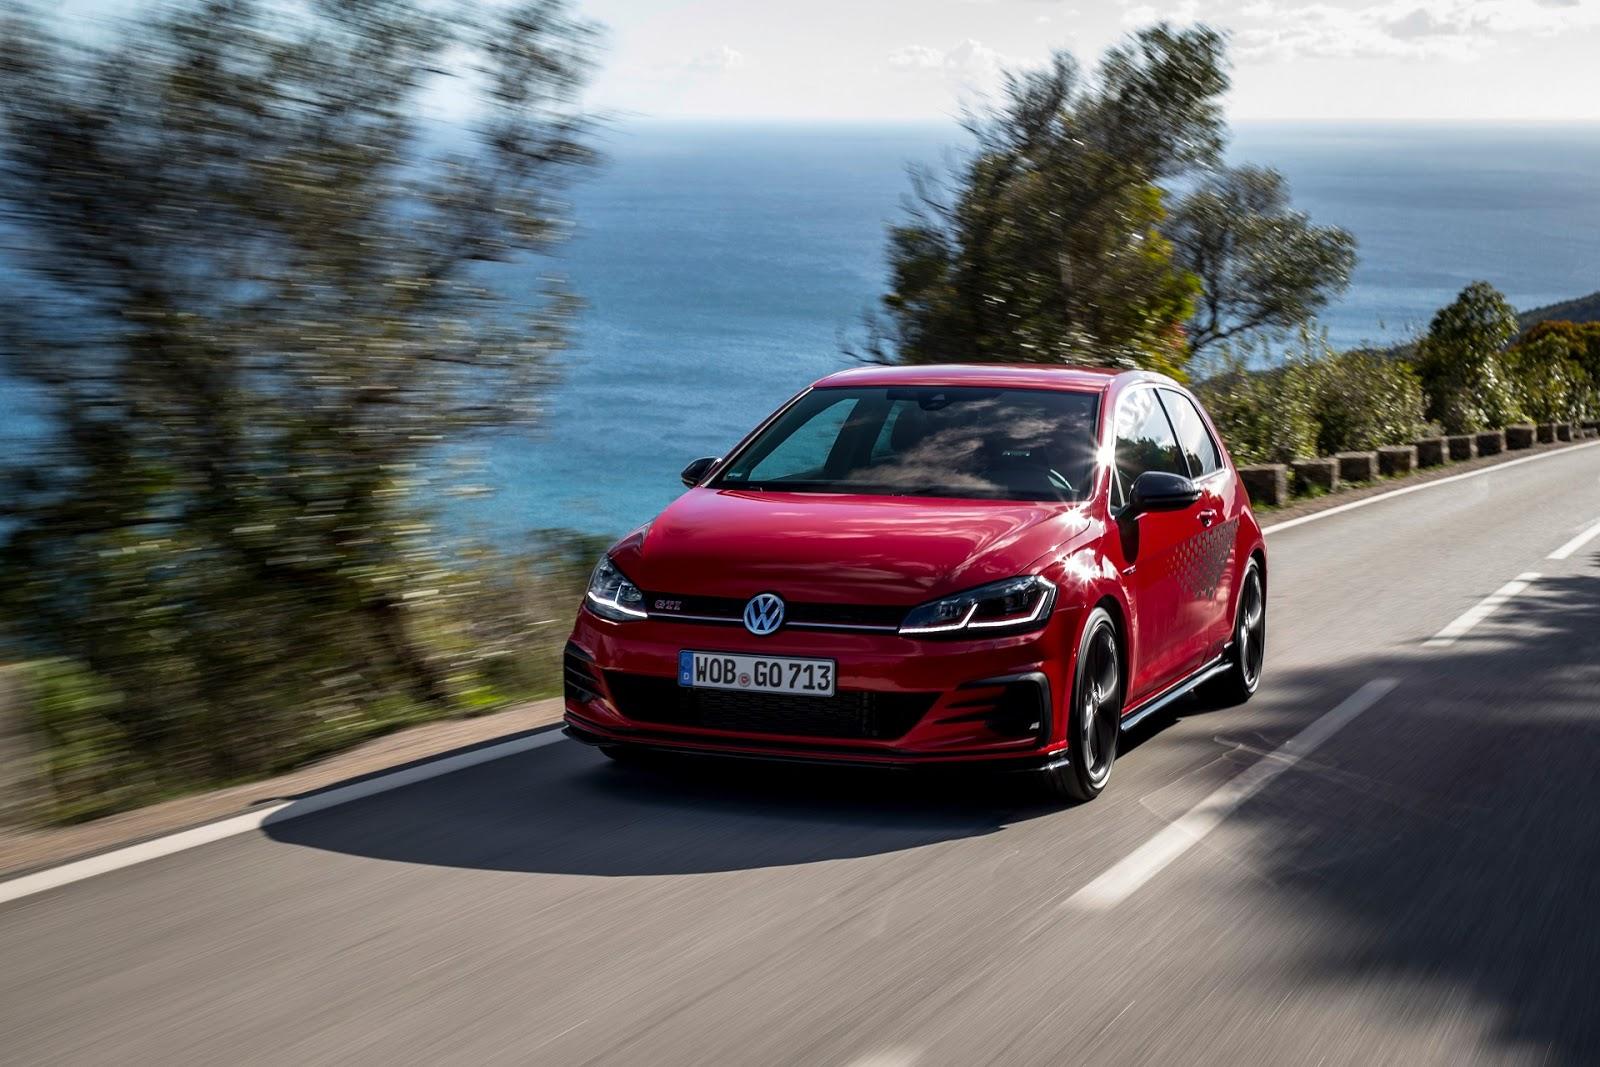 NEO2BVOLKSWAGEN2BGOLF2BGTI2BTCR 2 Σε τι τιμή διατίθεται το γρηγορότερο Golf GTI ever; Hot Hatch, Volkswagen, Volkswagen Golf, Volkswagen Golf GTI, VW, VW Golf GTI, zblog, μοντέλα